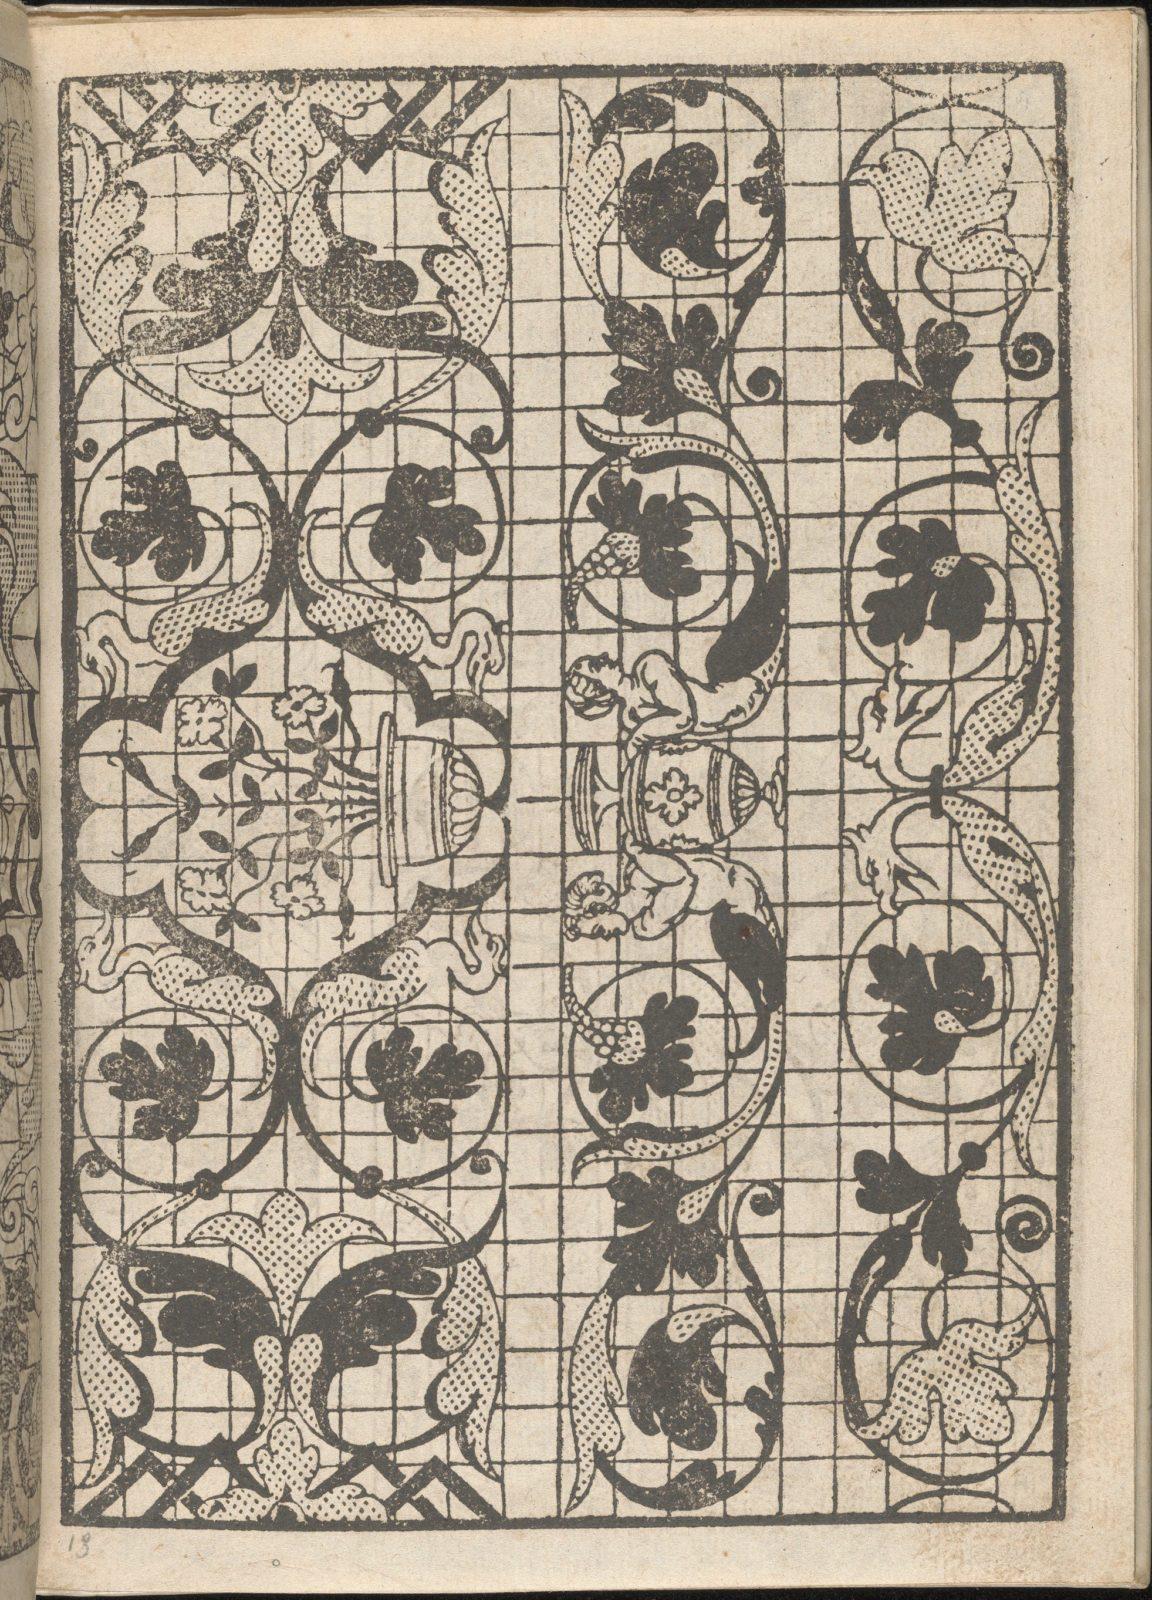 Splendore delle virtuose giovani, page 13 (recto)